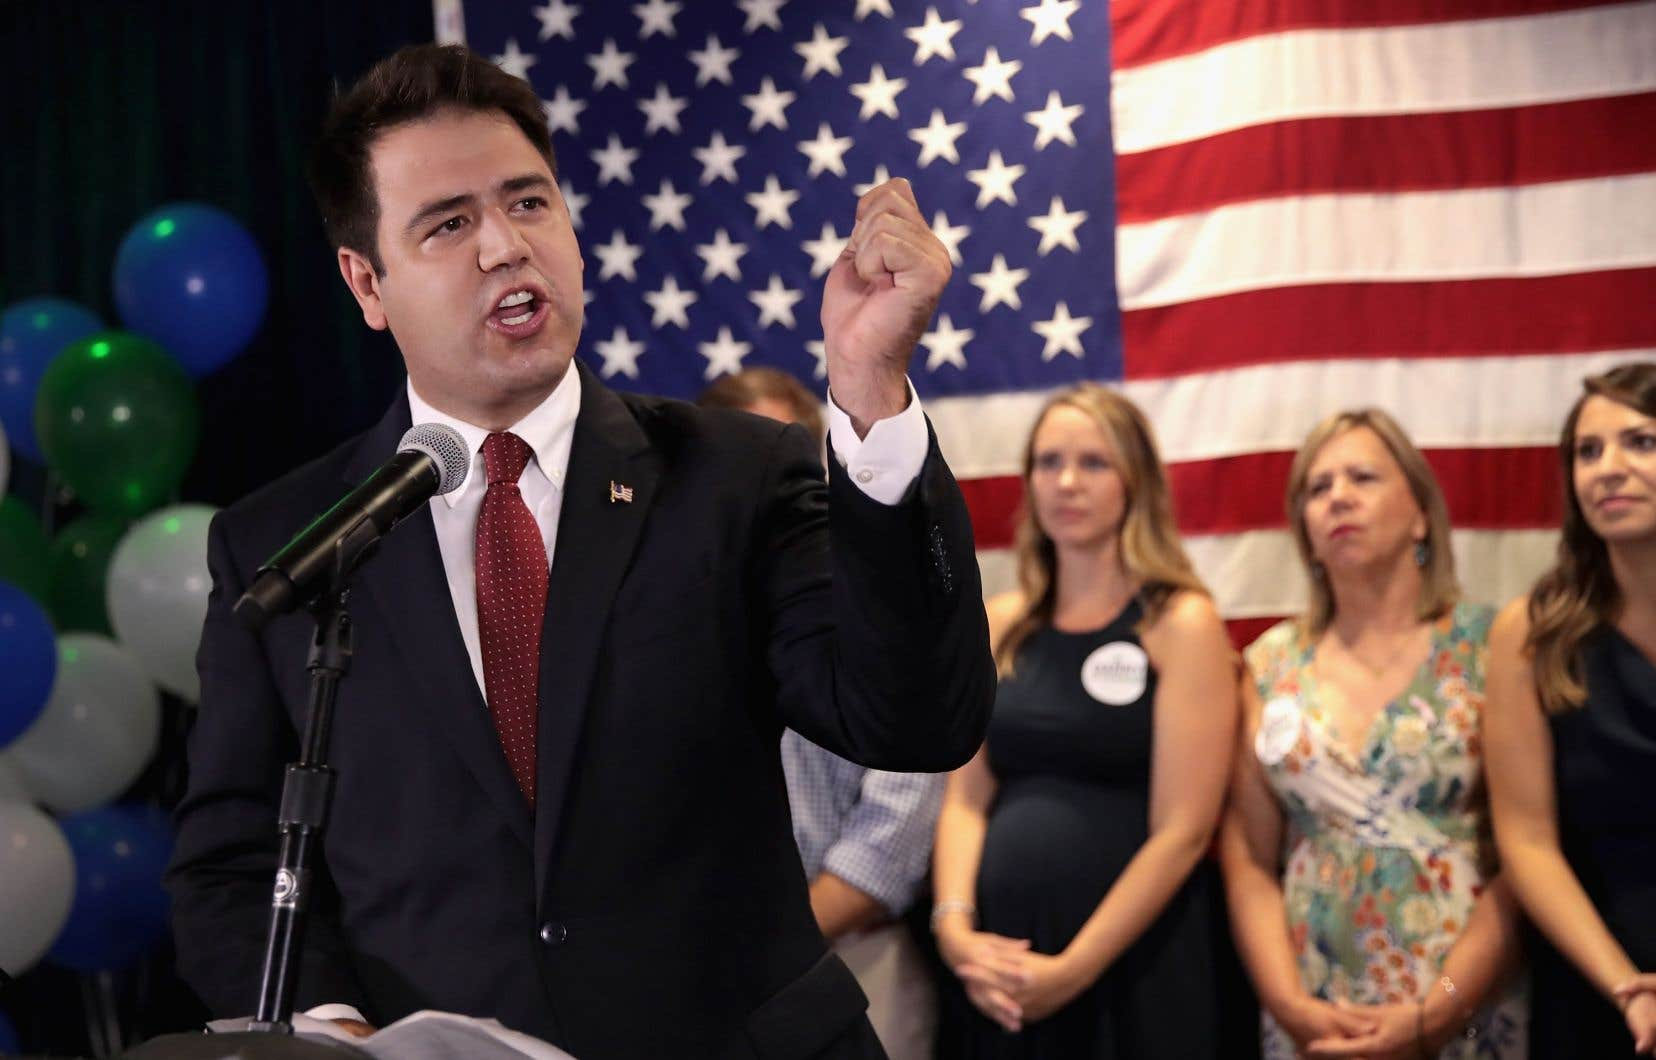 En Ohio, le républicain Troy Balderson a revendiqué la victoire, même s'il pourrait y avoir un recomptage.